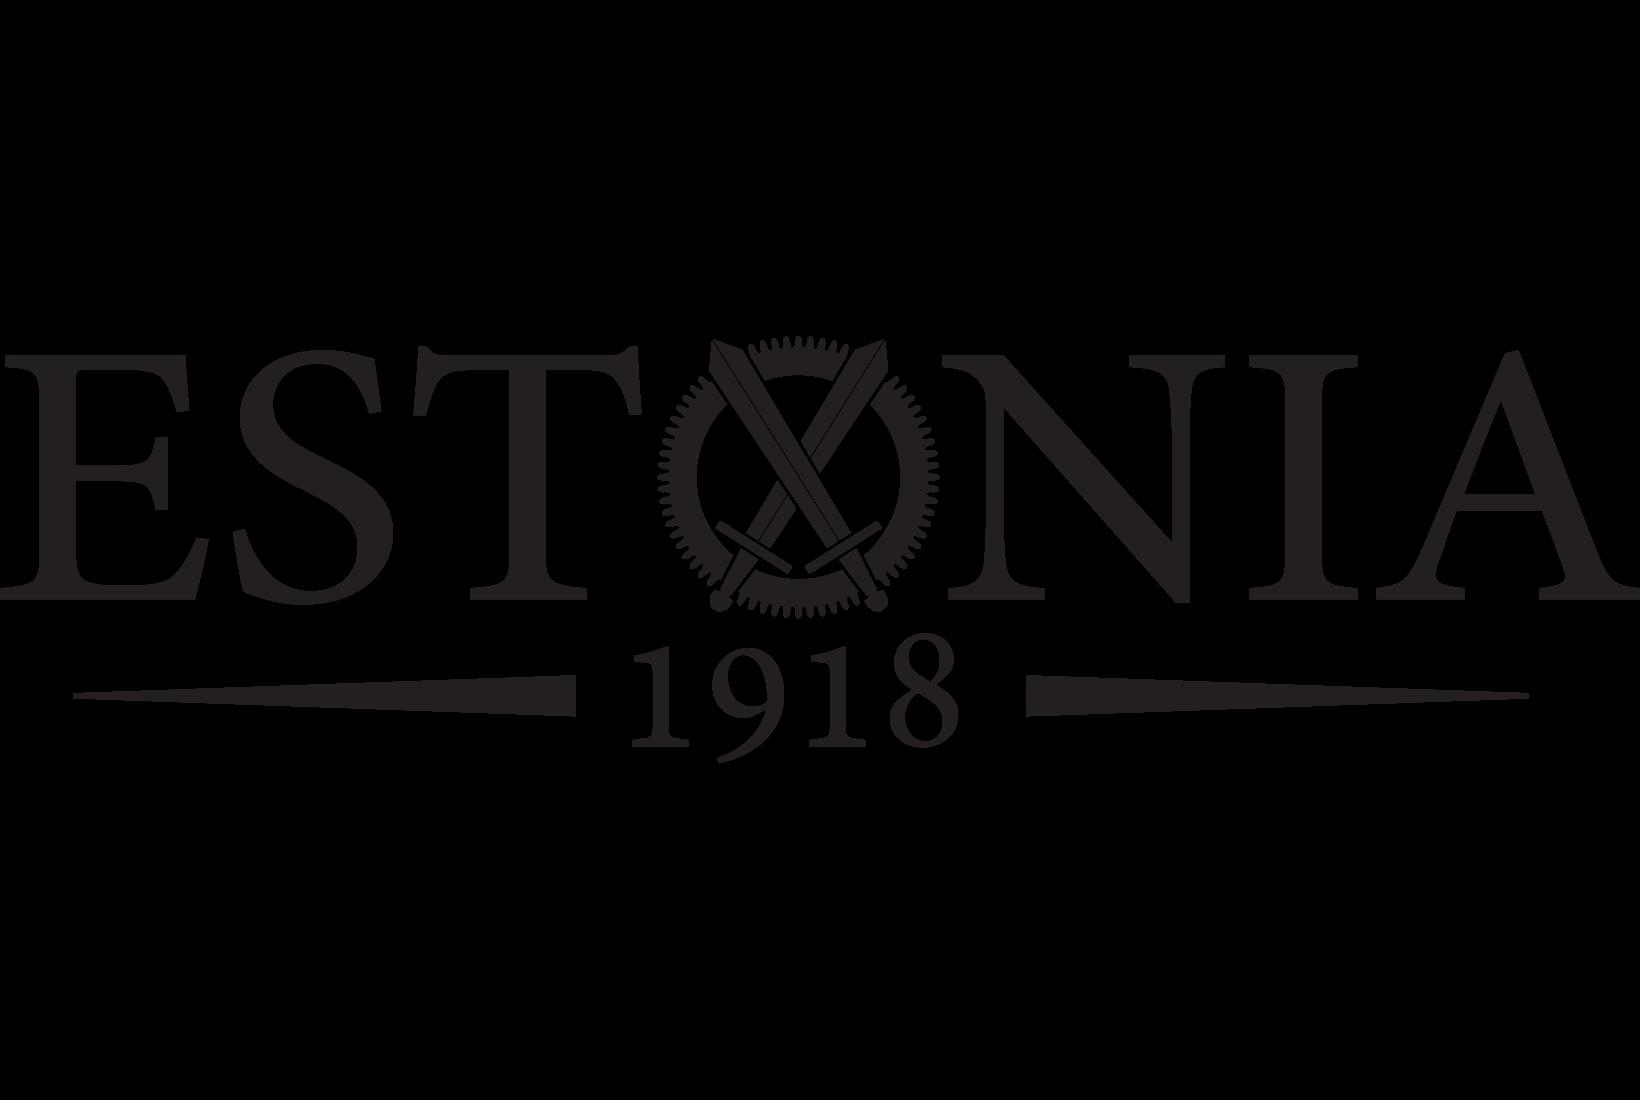 Estonia1918